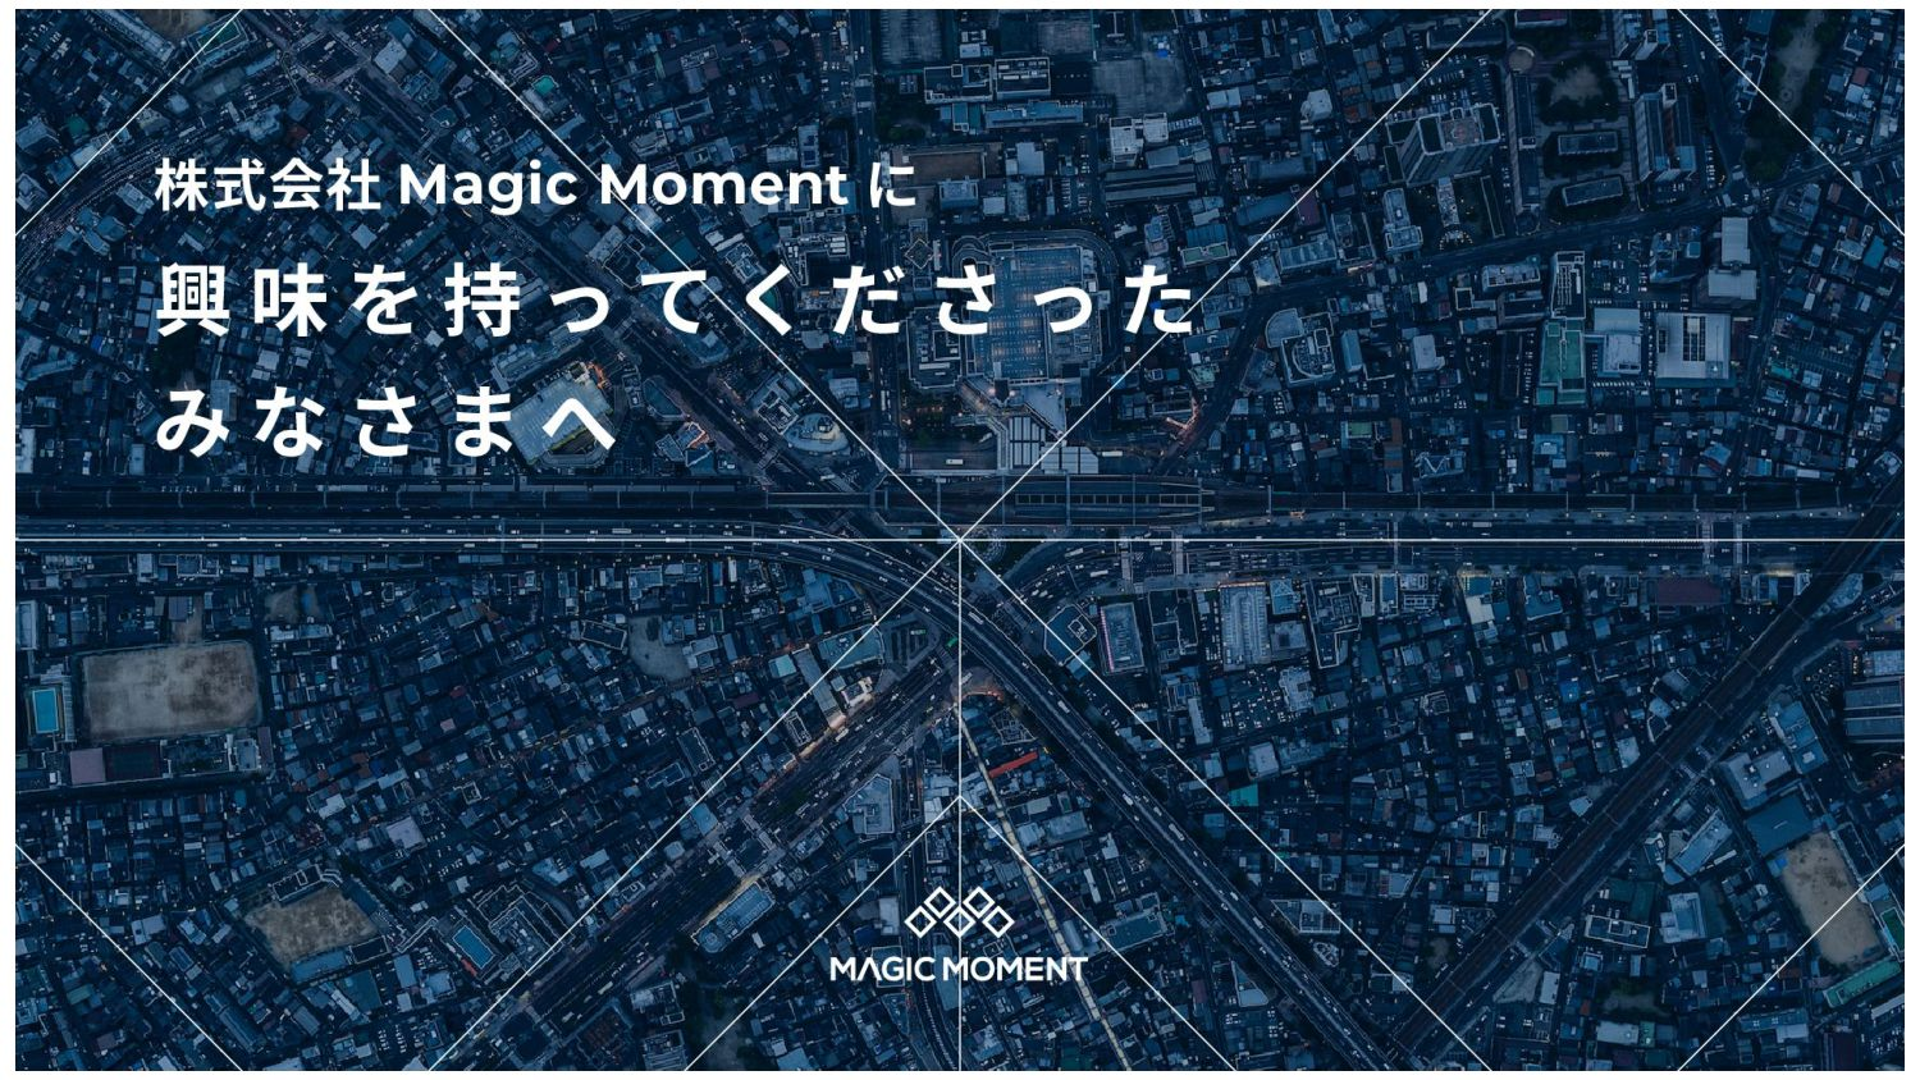 株式会社 Magic Moment に 興 味 を 持 っ て く だ さ っ た み な さ...